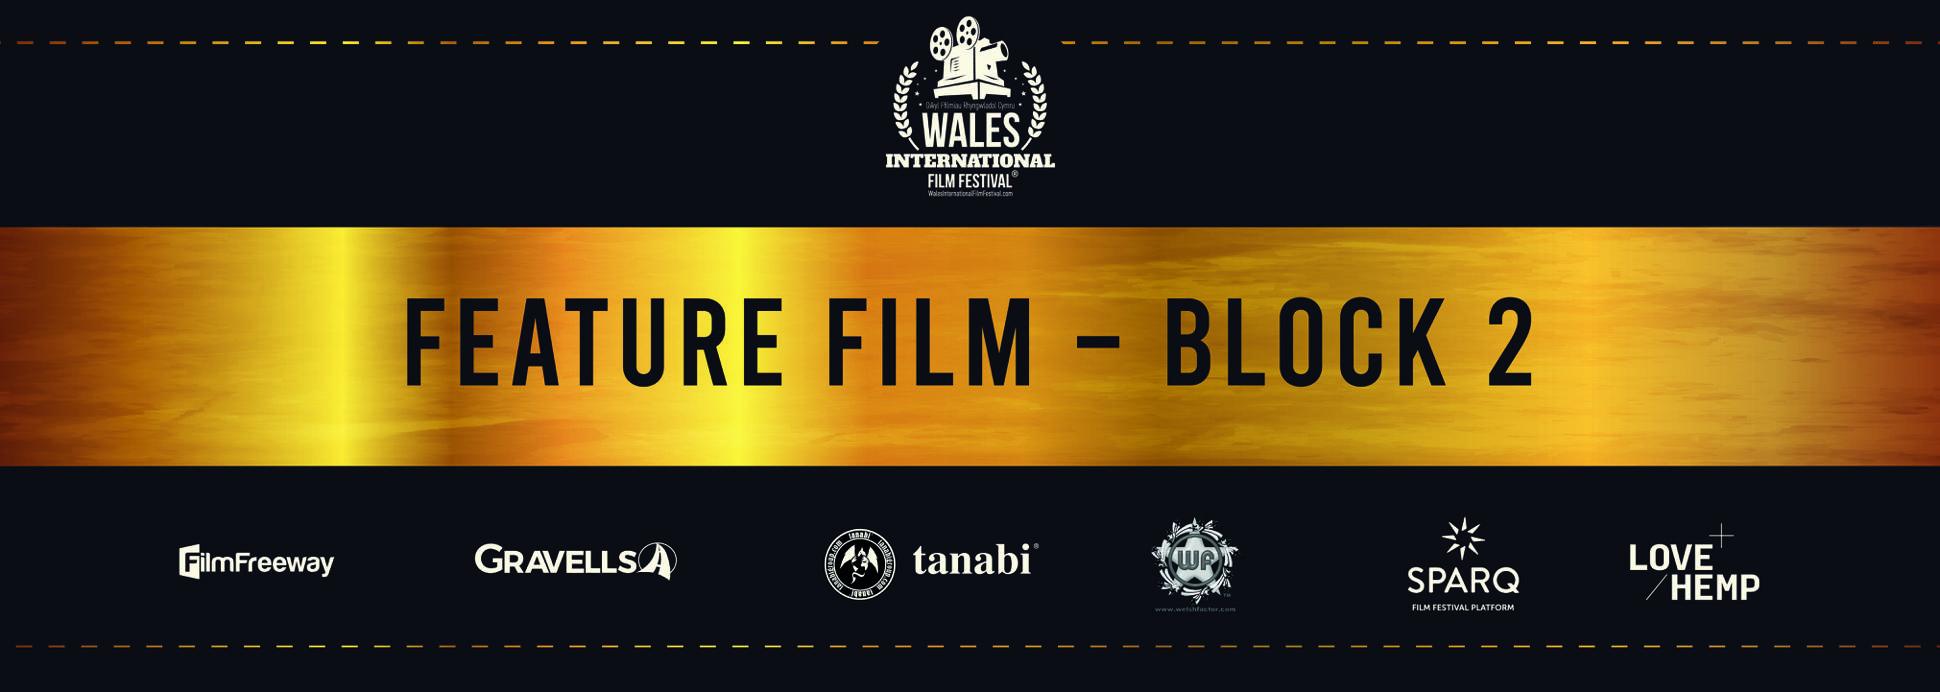 Feature Film - Block 2